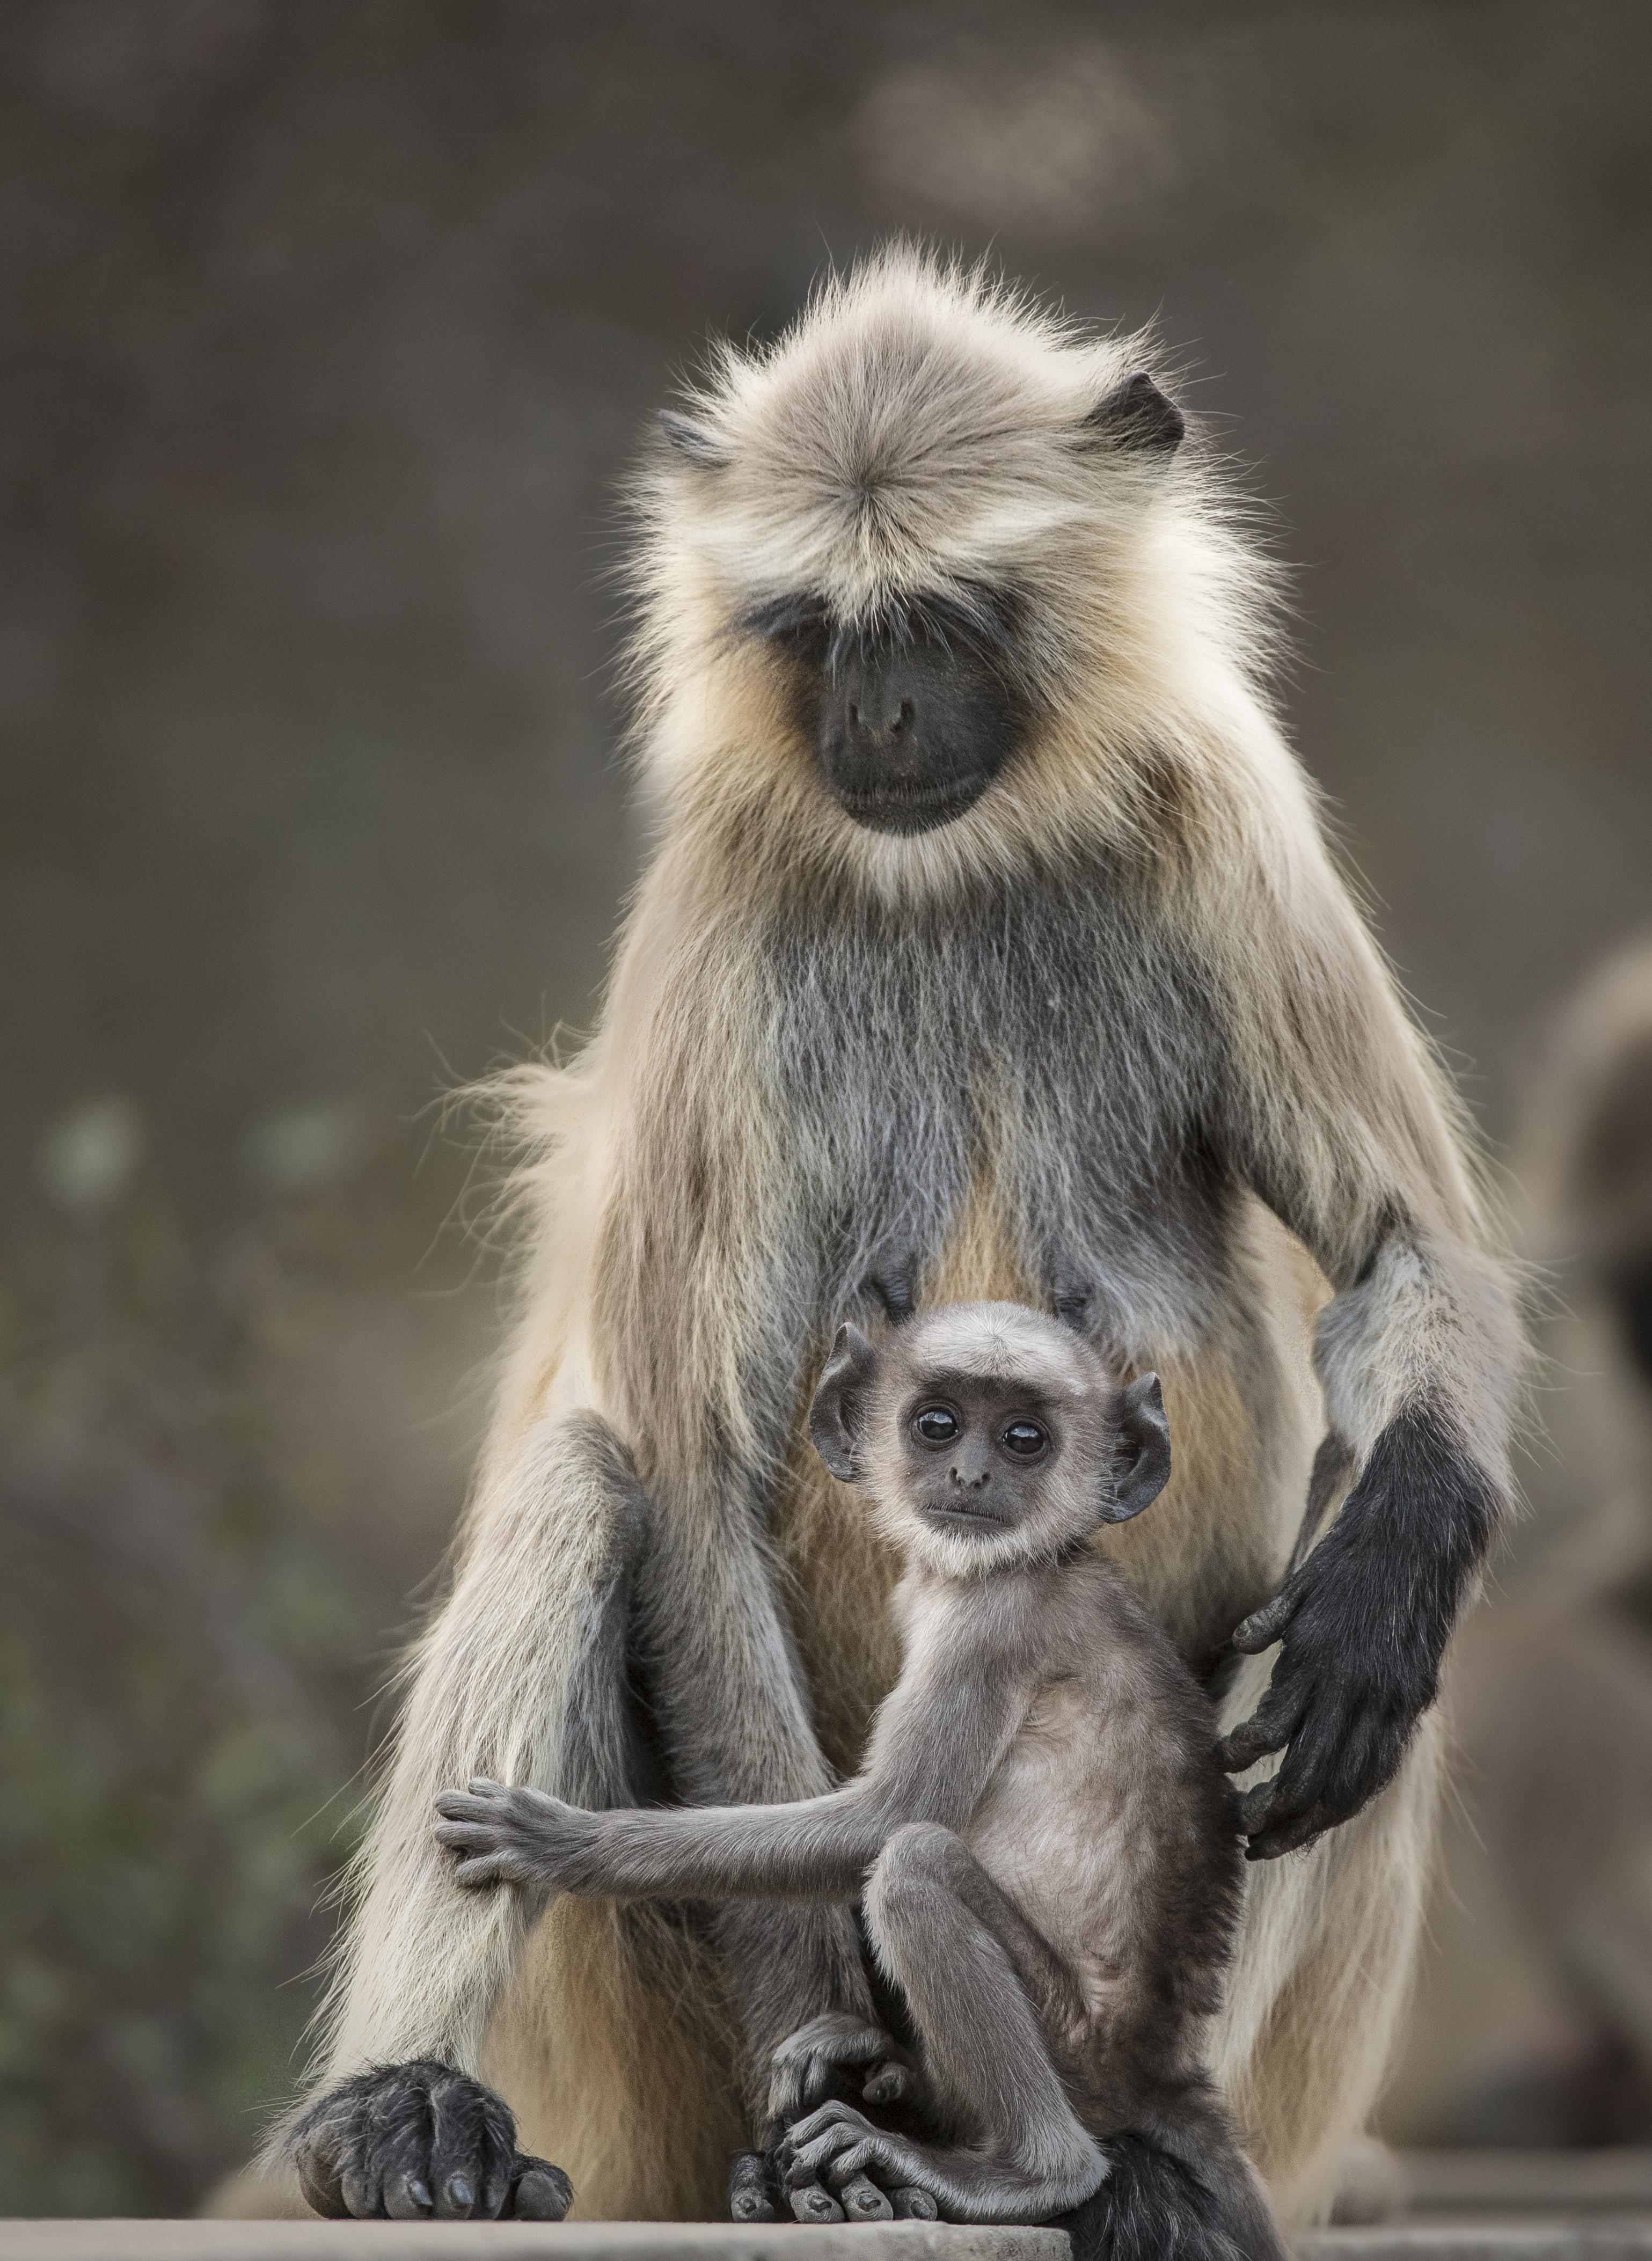 monkeys for Emma_7545_7606.jpg